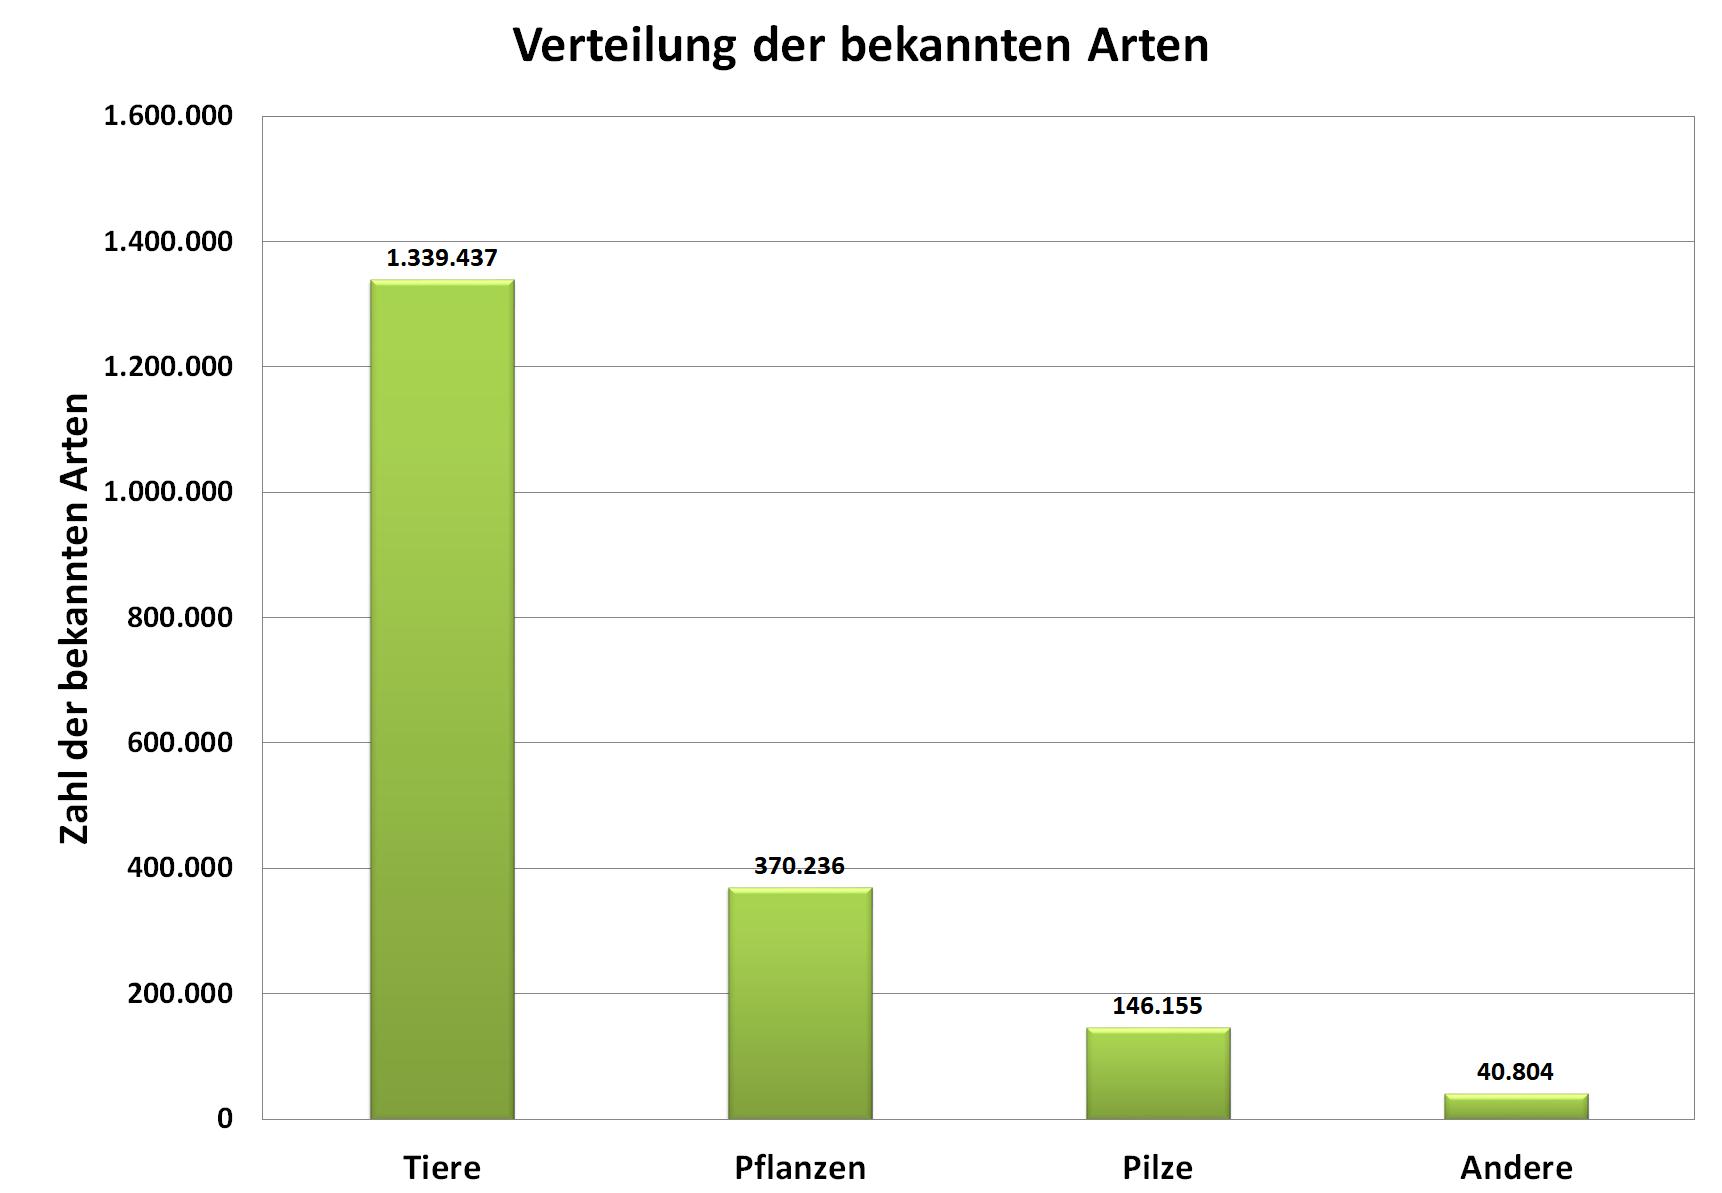 Grafik: Verteilung der bekannten Tier-, Pflanzen- und Pilzarten